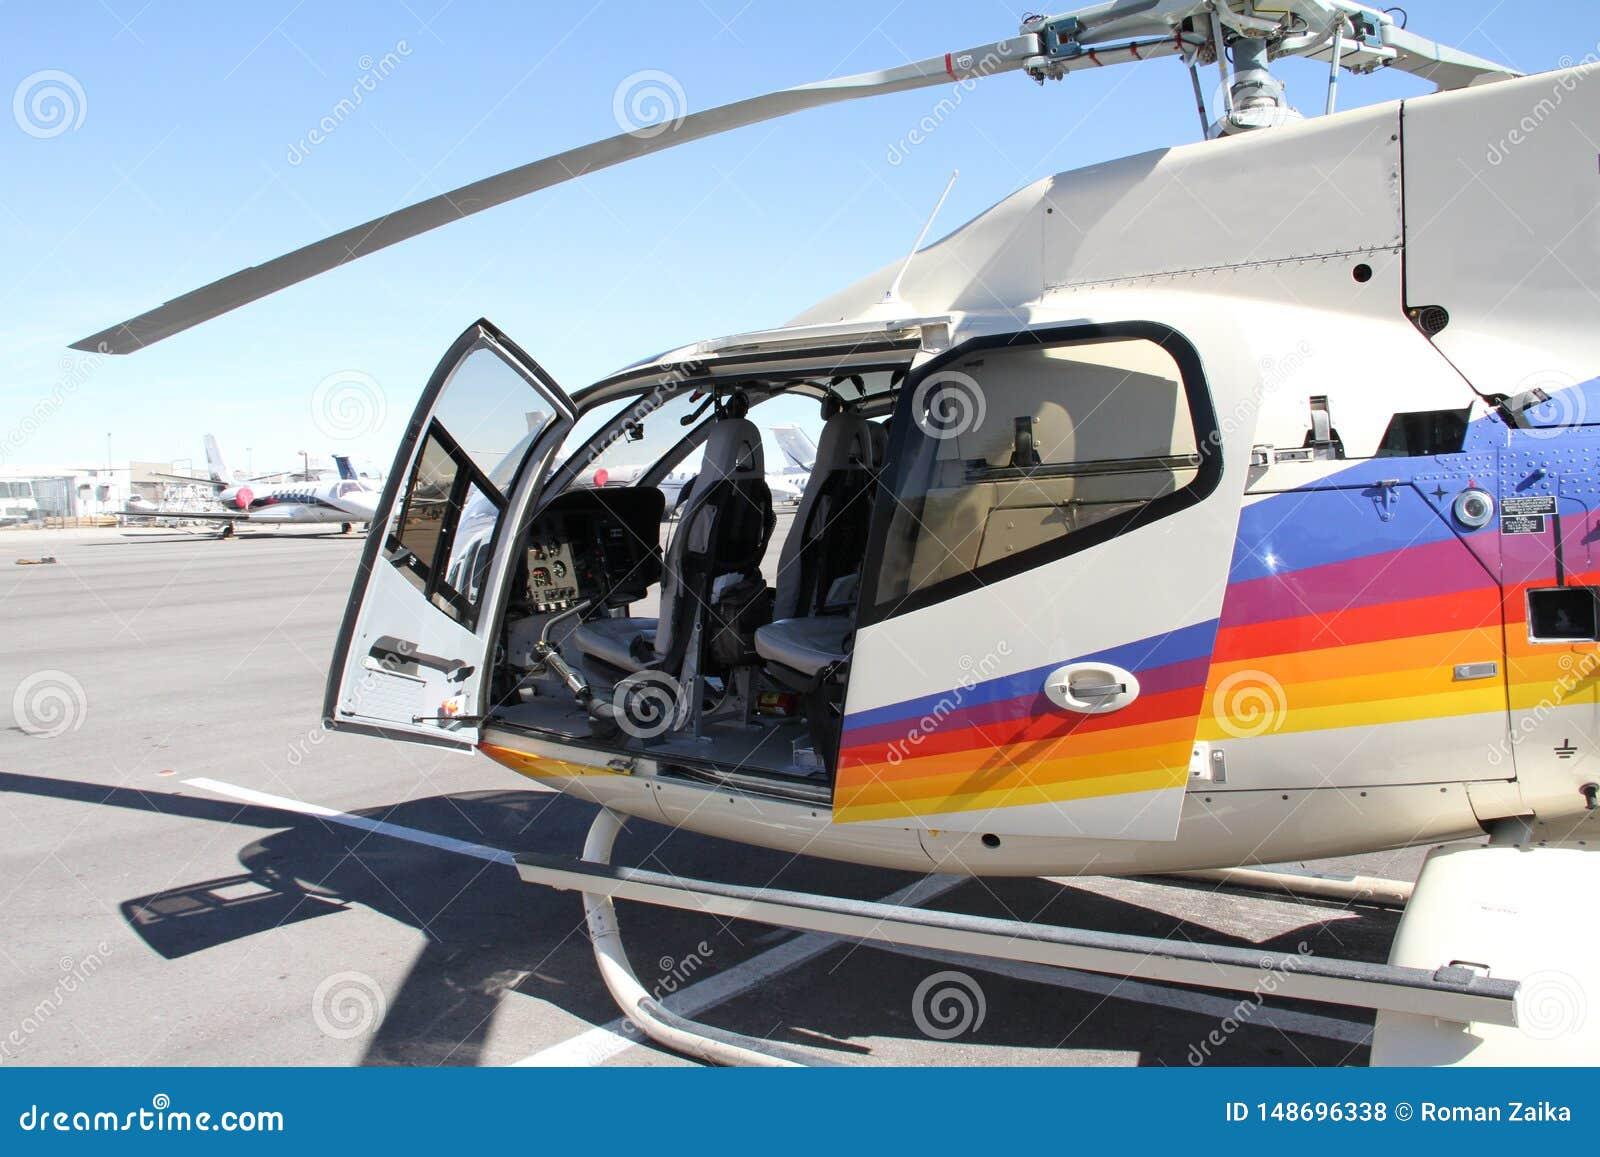 Tekniskt avancerad för singel-motor för kolÂ helikopter ljus för entreprenörer och affärsföretag